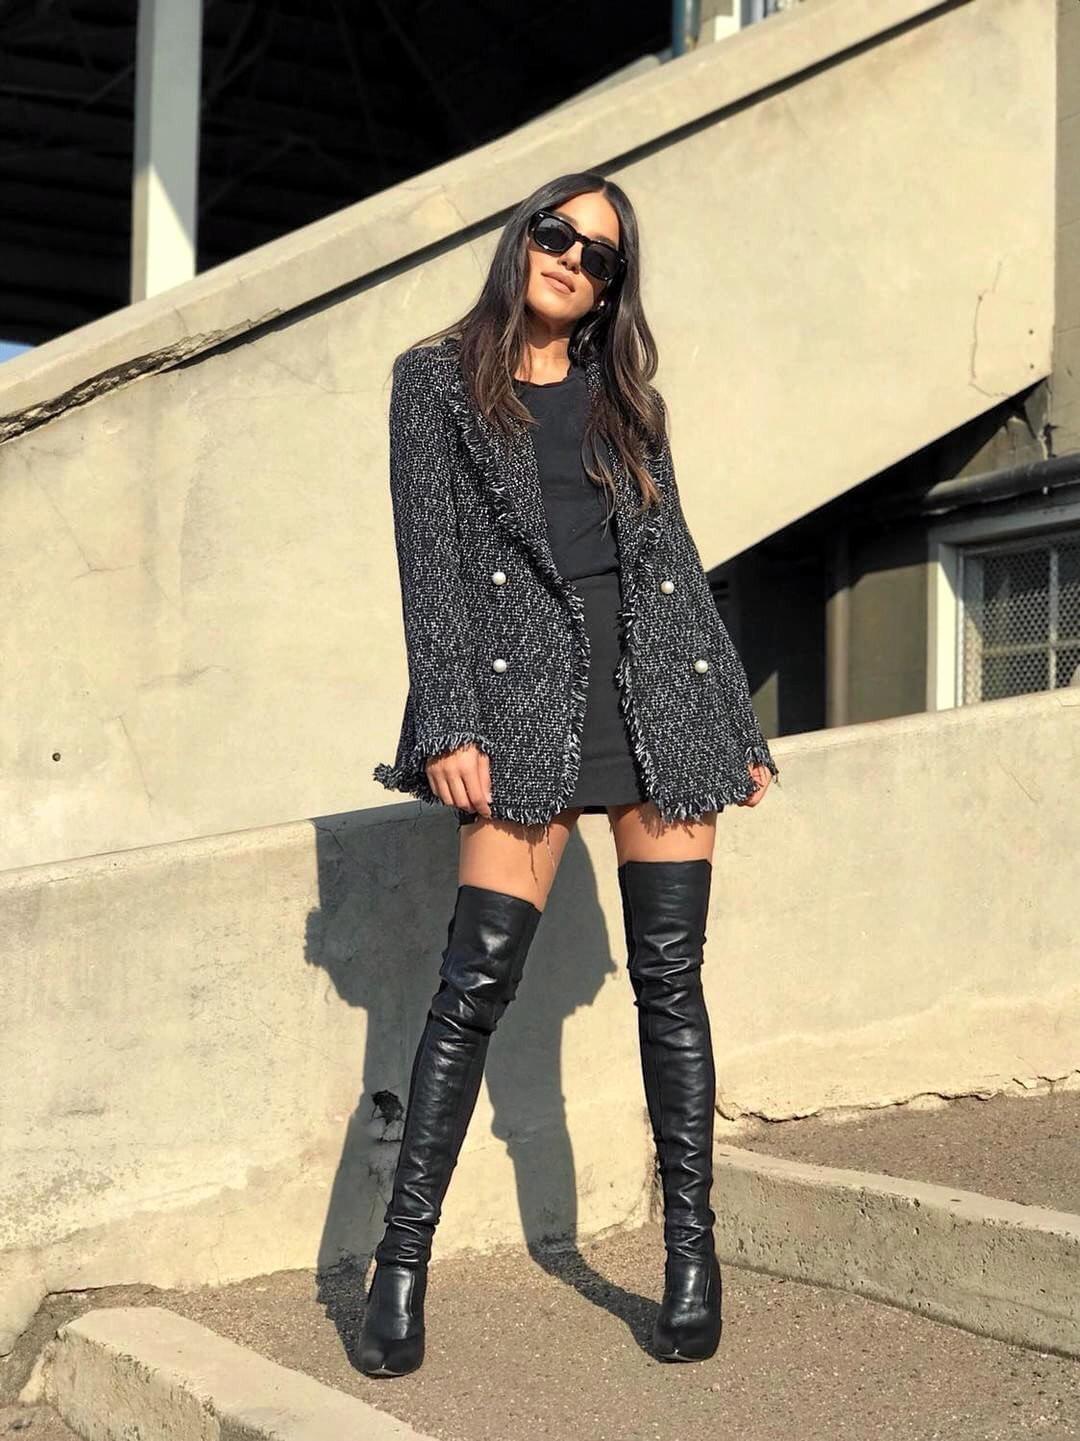 Tony Bianco Dahlia black Como boots, $299.95, tonybianco.com.au